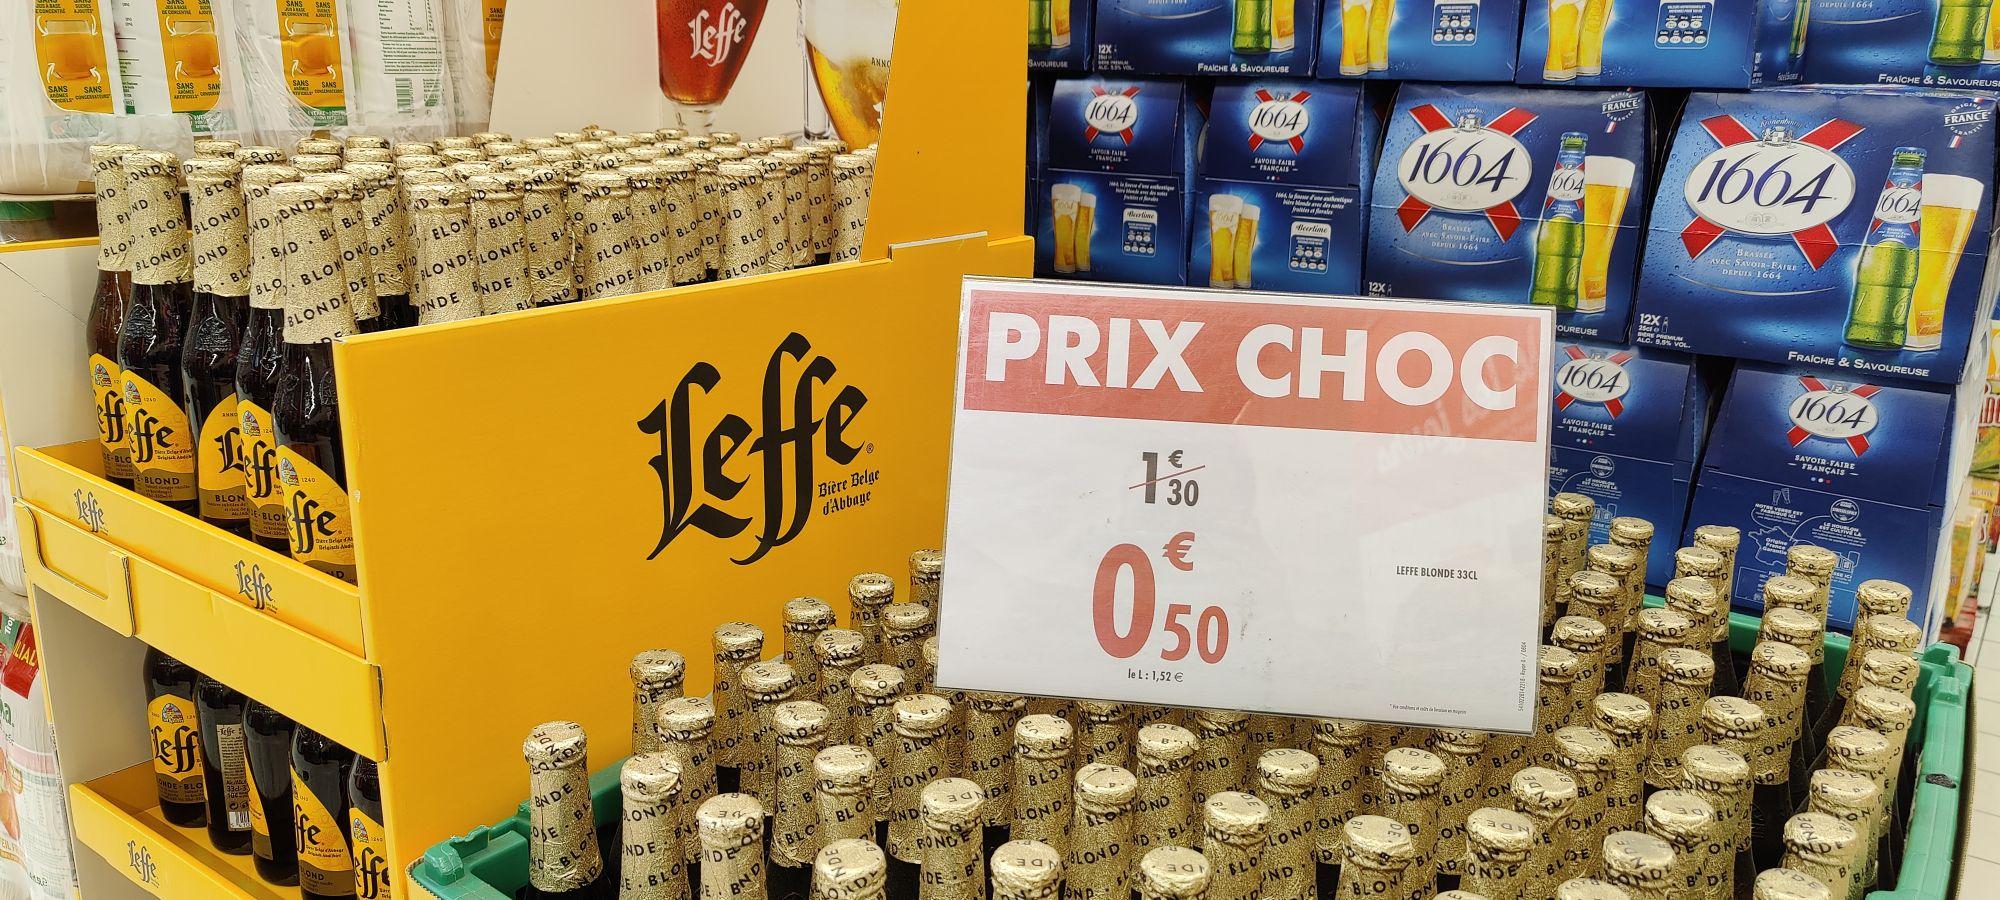 Bouteille de bière Leffe (33cl) - Meylan (38)